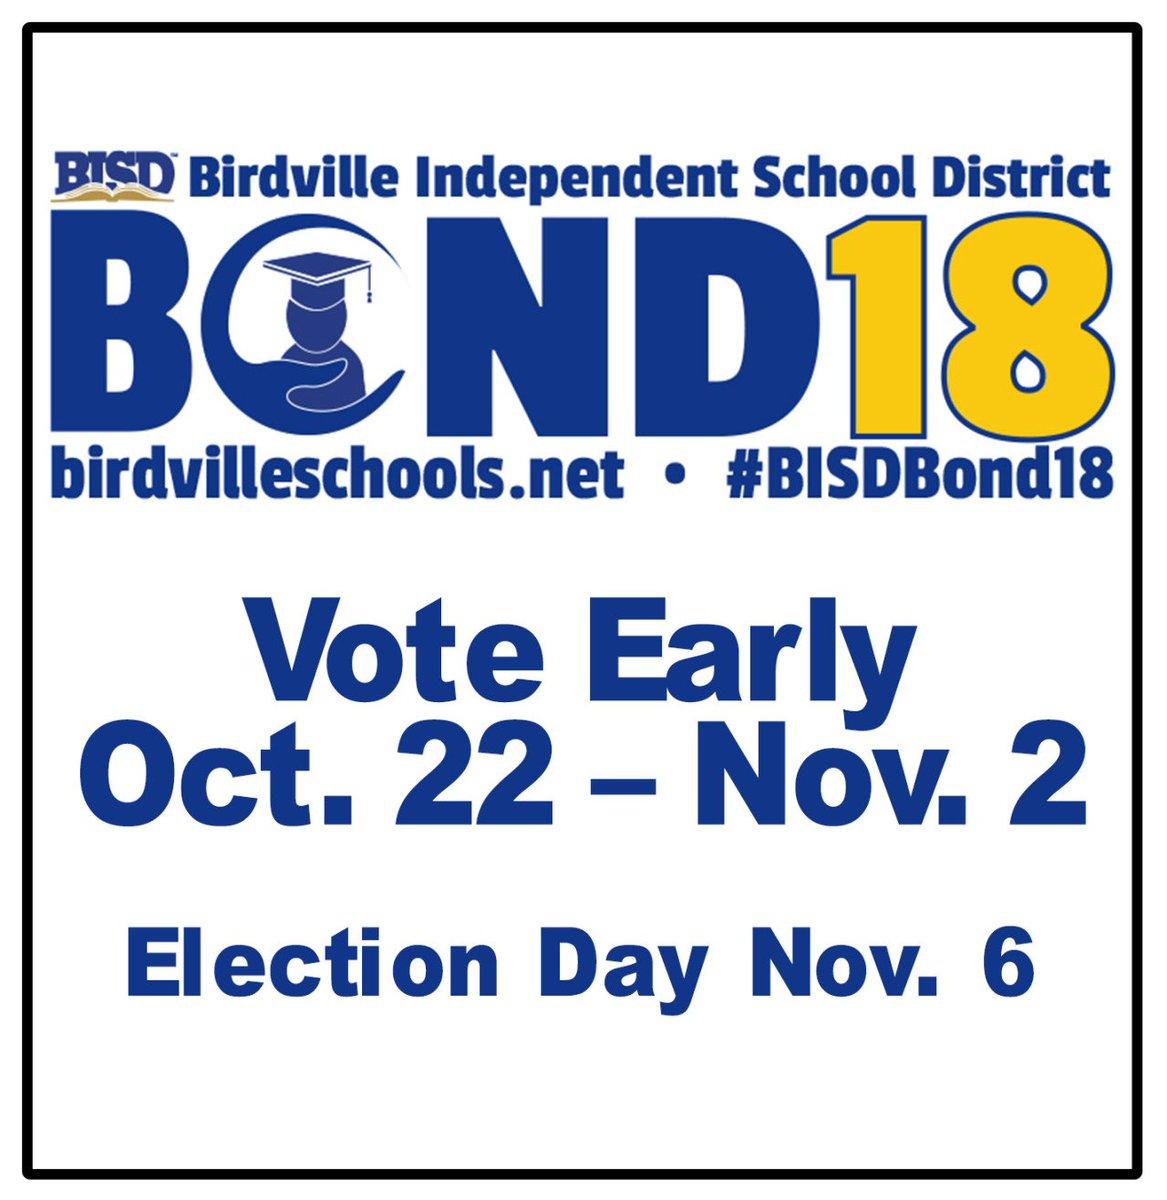 Birdville Isd On Twitter Bisd Bond Vote Nov 6 Bisdbond18 Https T Co Dvkbdwsfbd